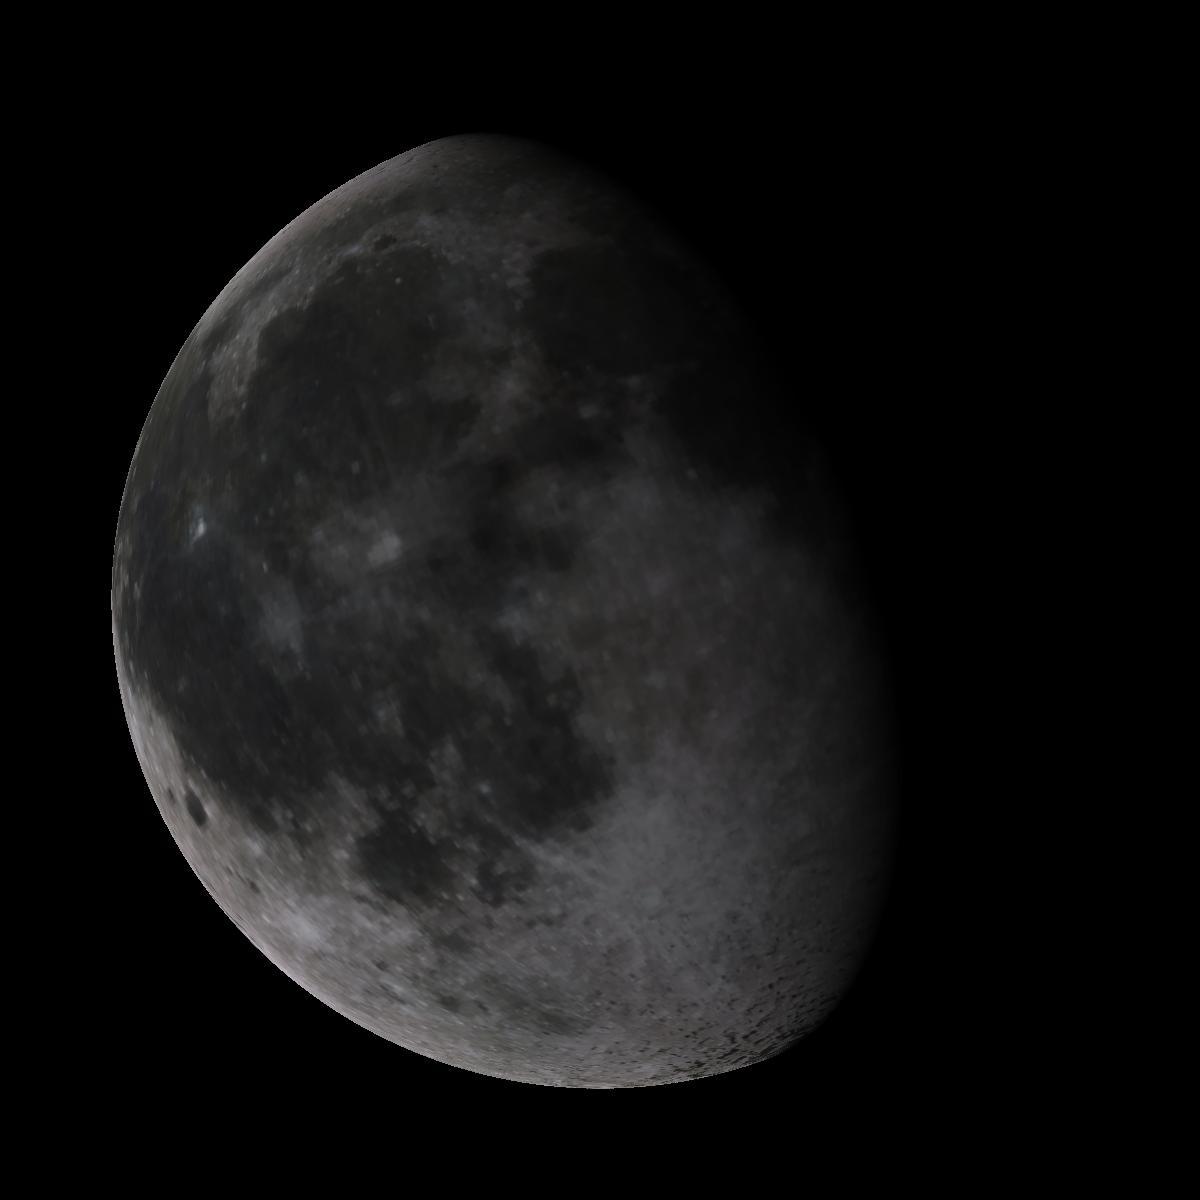 Lune du 15 janvier 2020